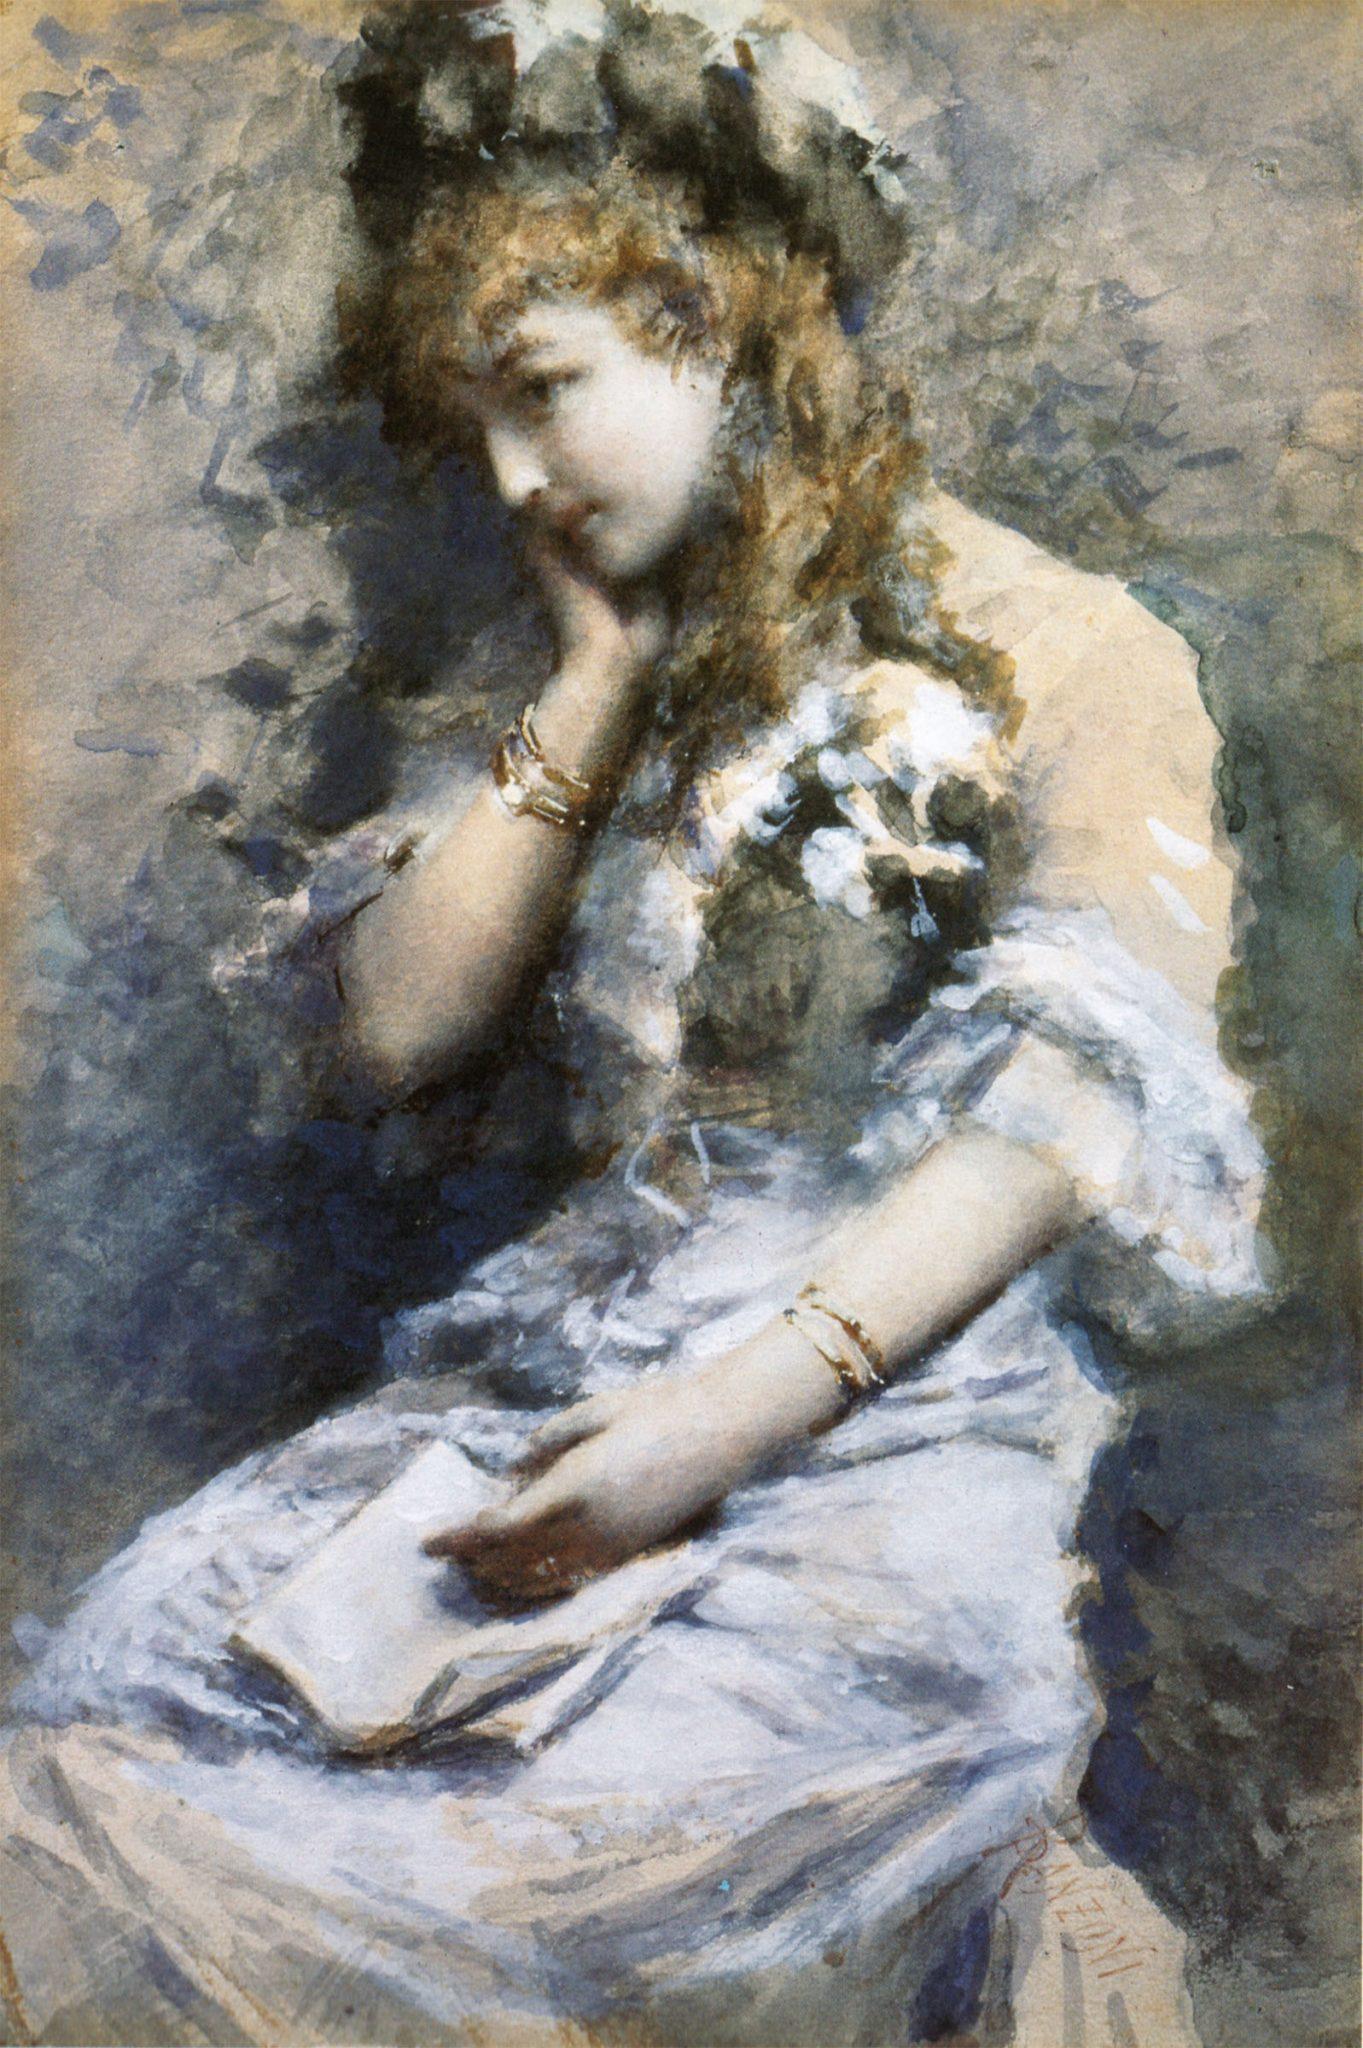 Daniele Ranzoni - In contemplazione, acquarello su carta, 1880